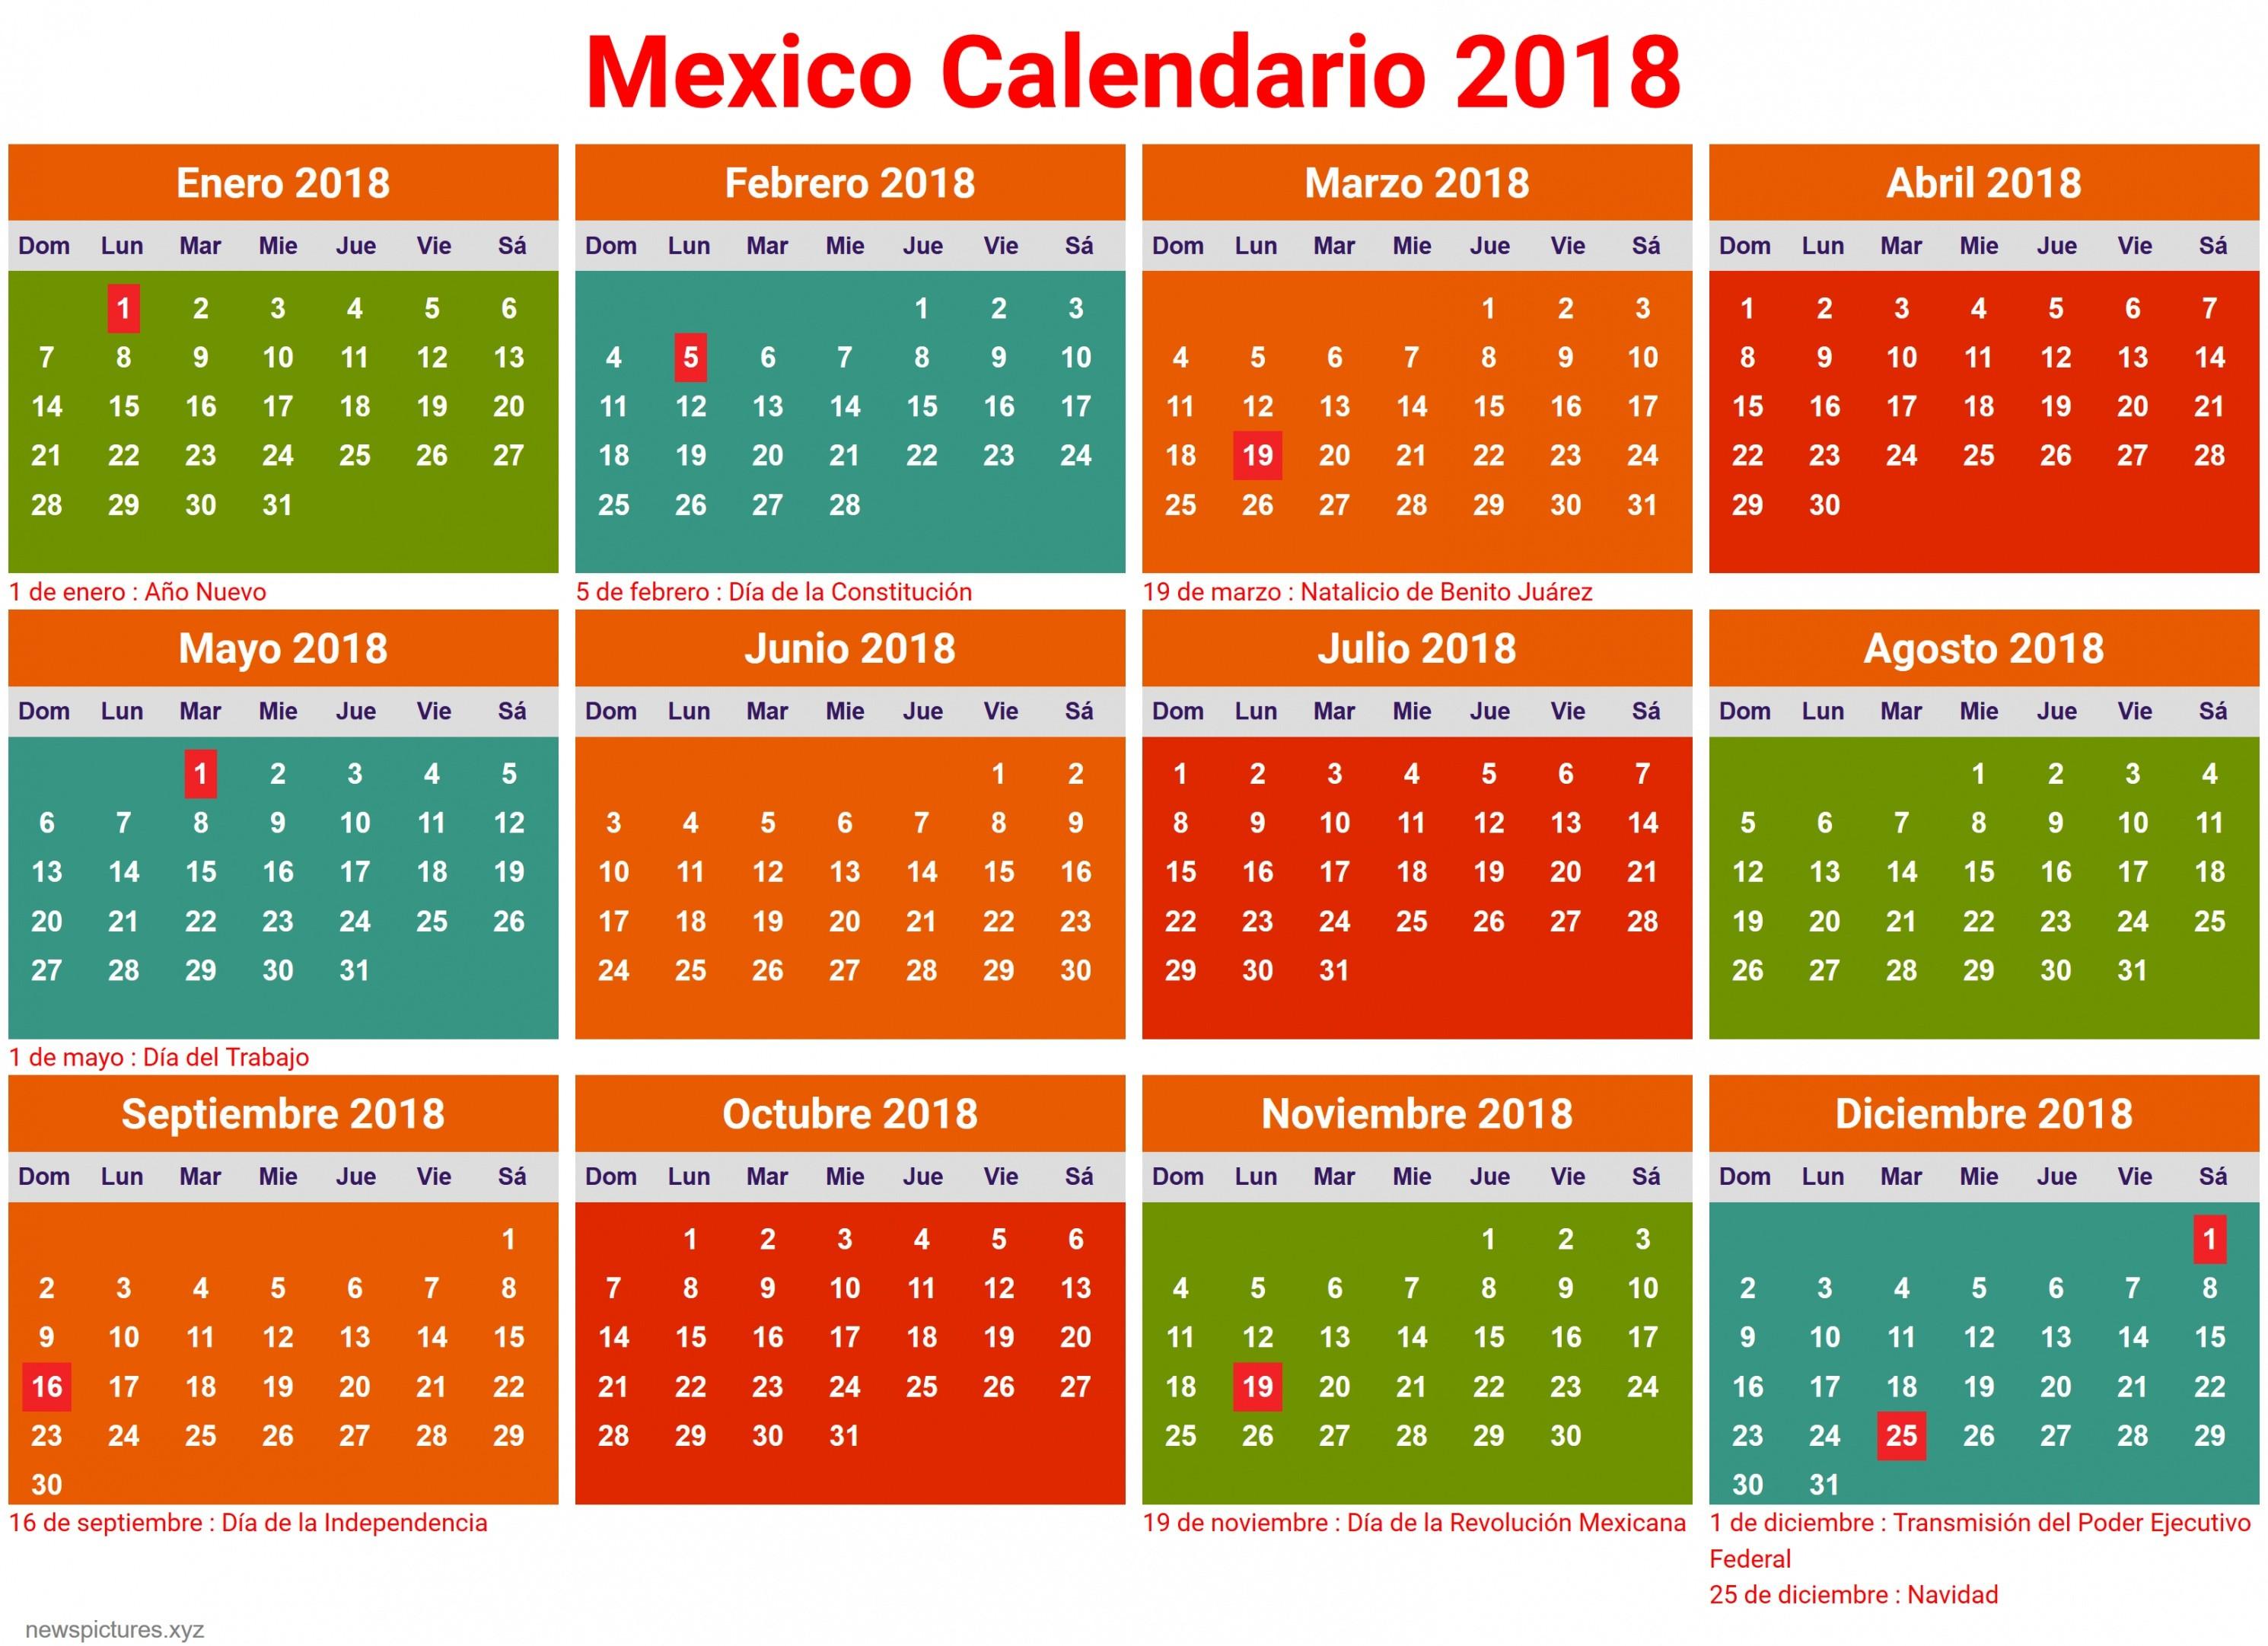 Calendario 2019 Para Pared Actual Calendario 2018 Con Festivos — Fiesta De Lamusica Medellin Of Calendario 2019 Para Pared Más Recientes Calendario Ilustrado 2016 Gratis Ilustraciones